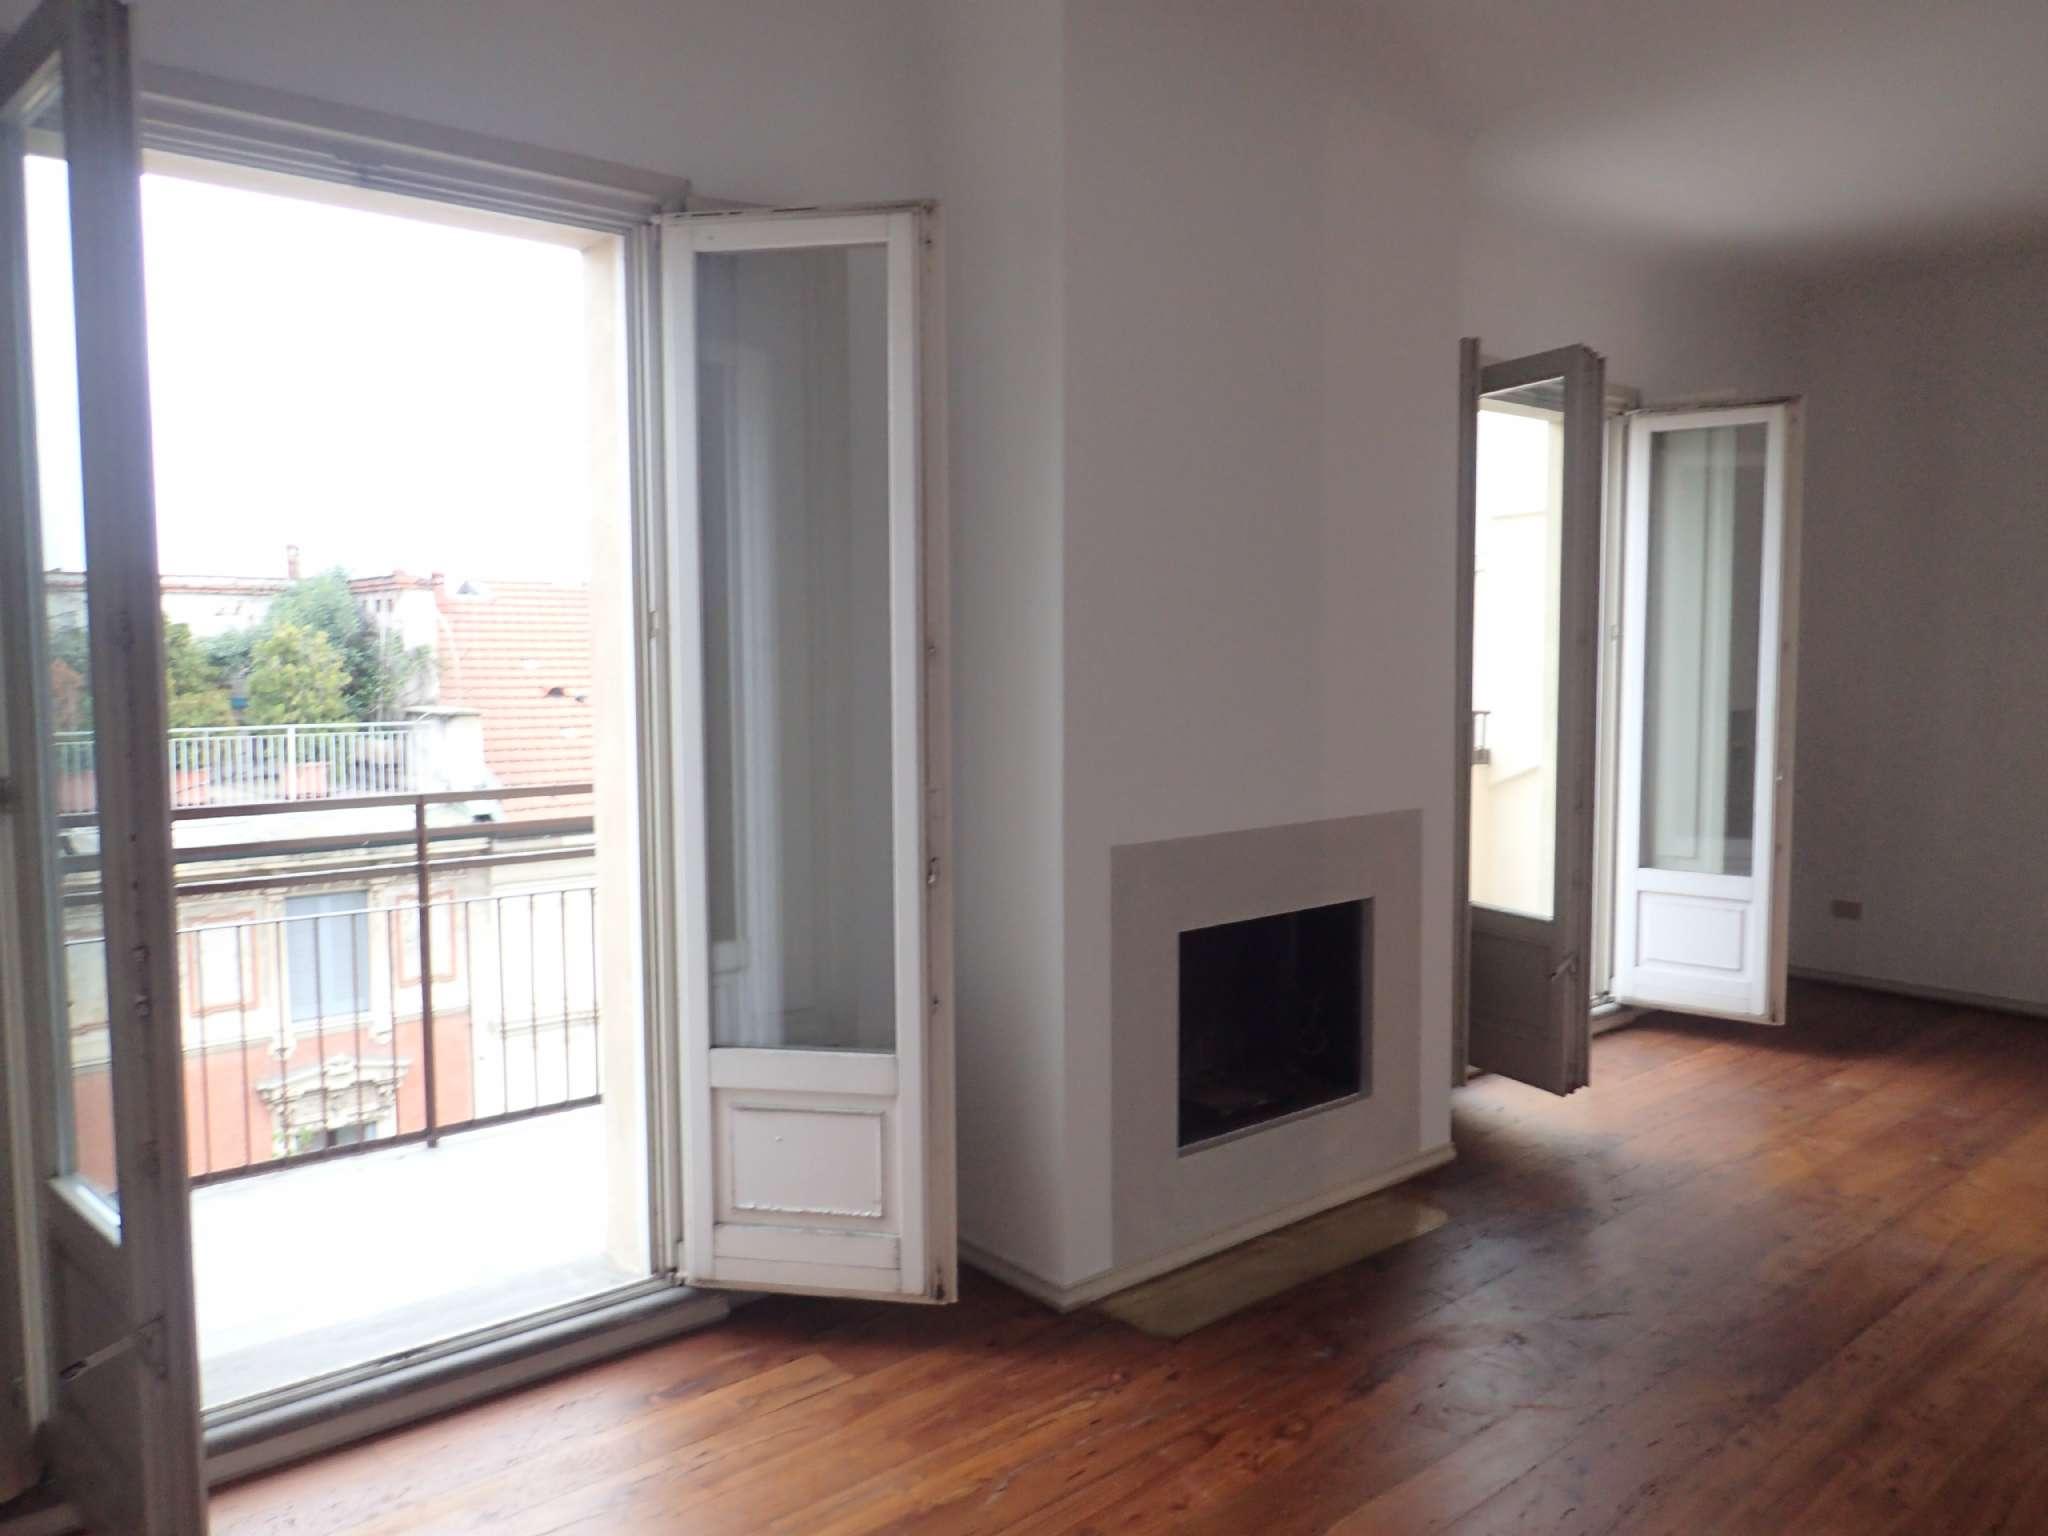 Appartamento in affitto a milano via leopardi trovocasa for Appartamento design affitto milano